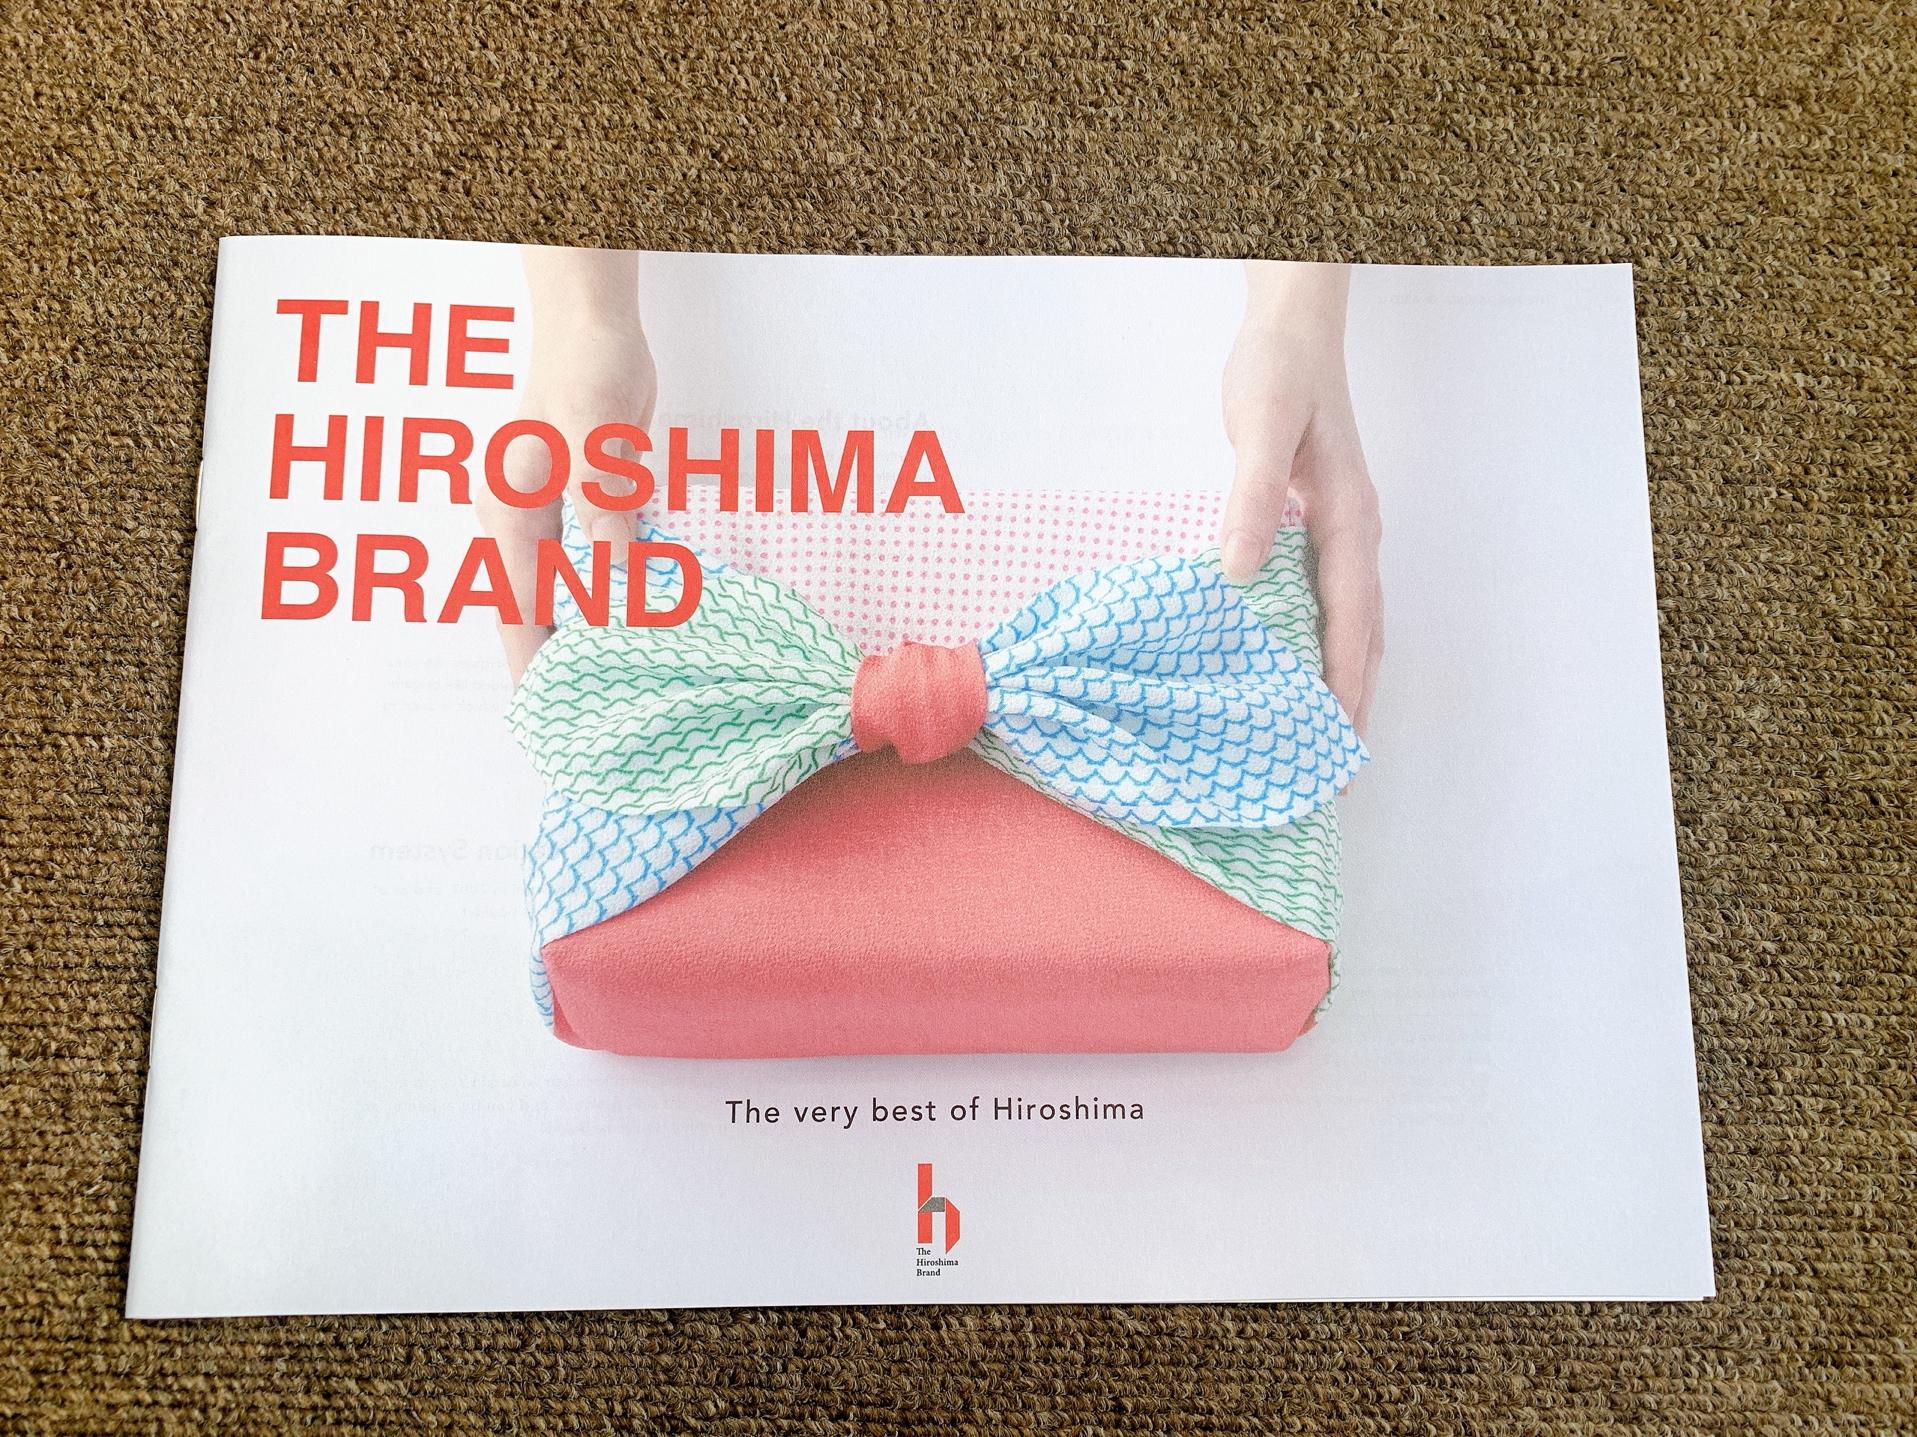 ザ・広島ブランドの 英語版パンフレット